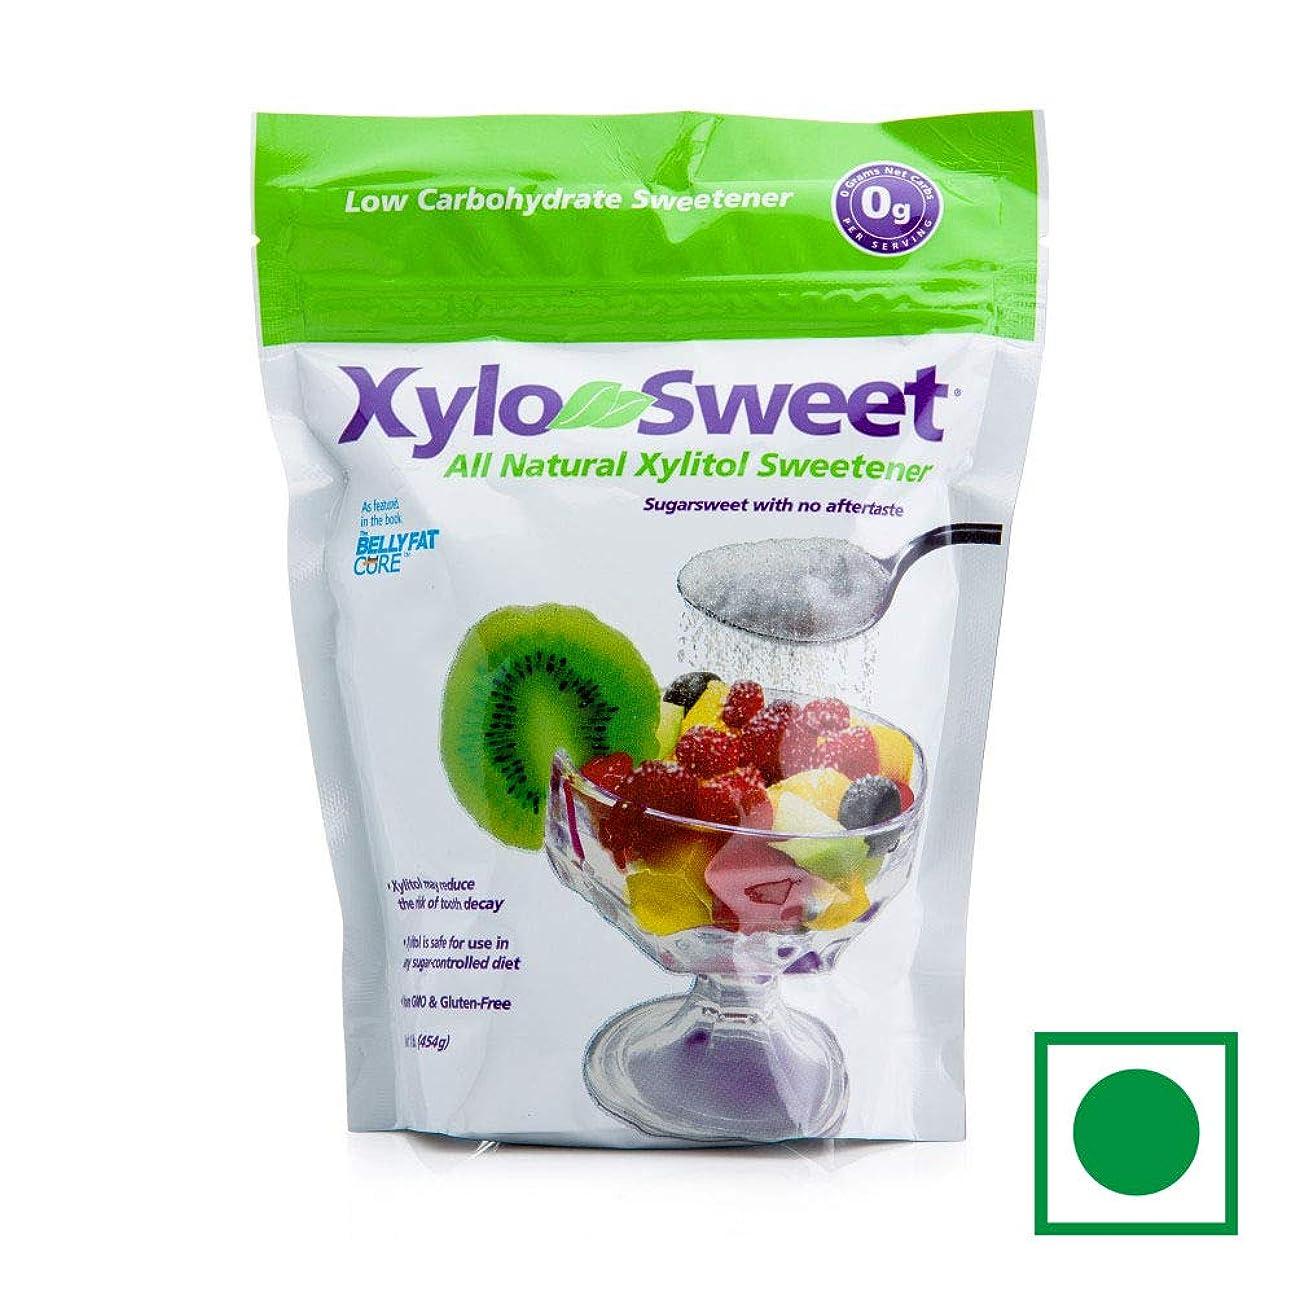 コントロール排他的病気だと思うXylosweet All Natural Low Carb Xylitol Sweetener 454 g